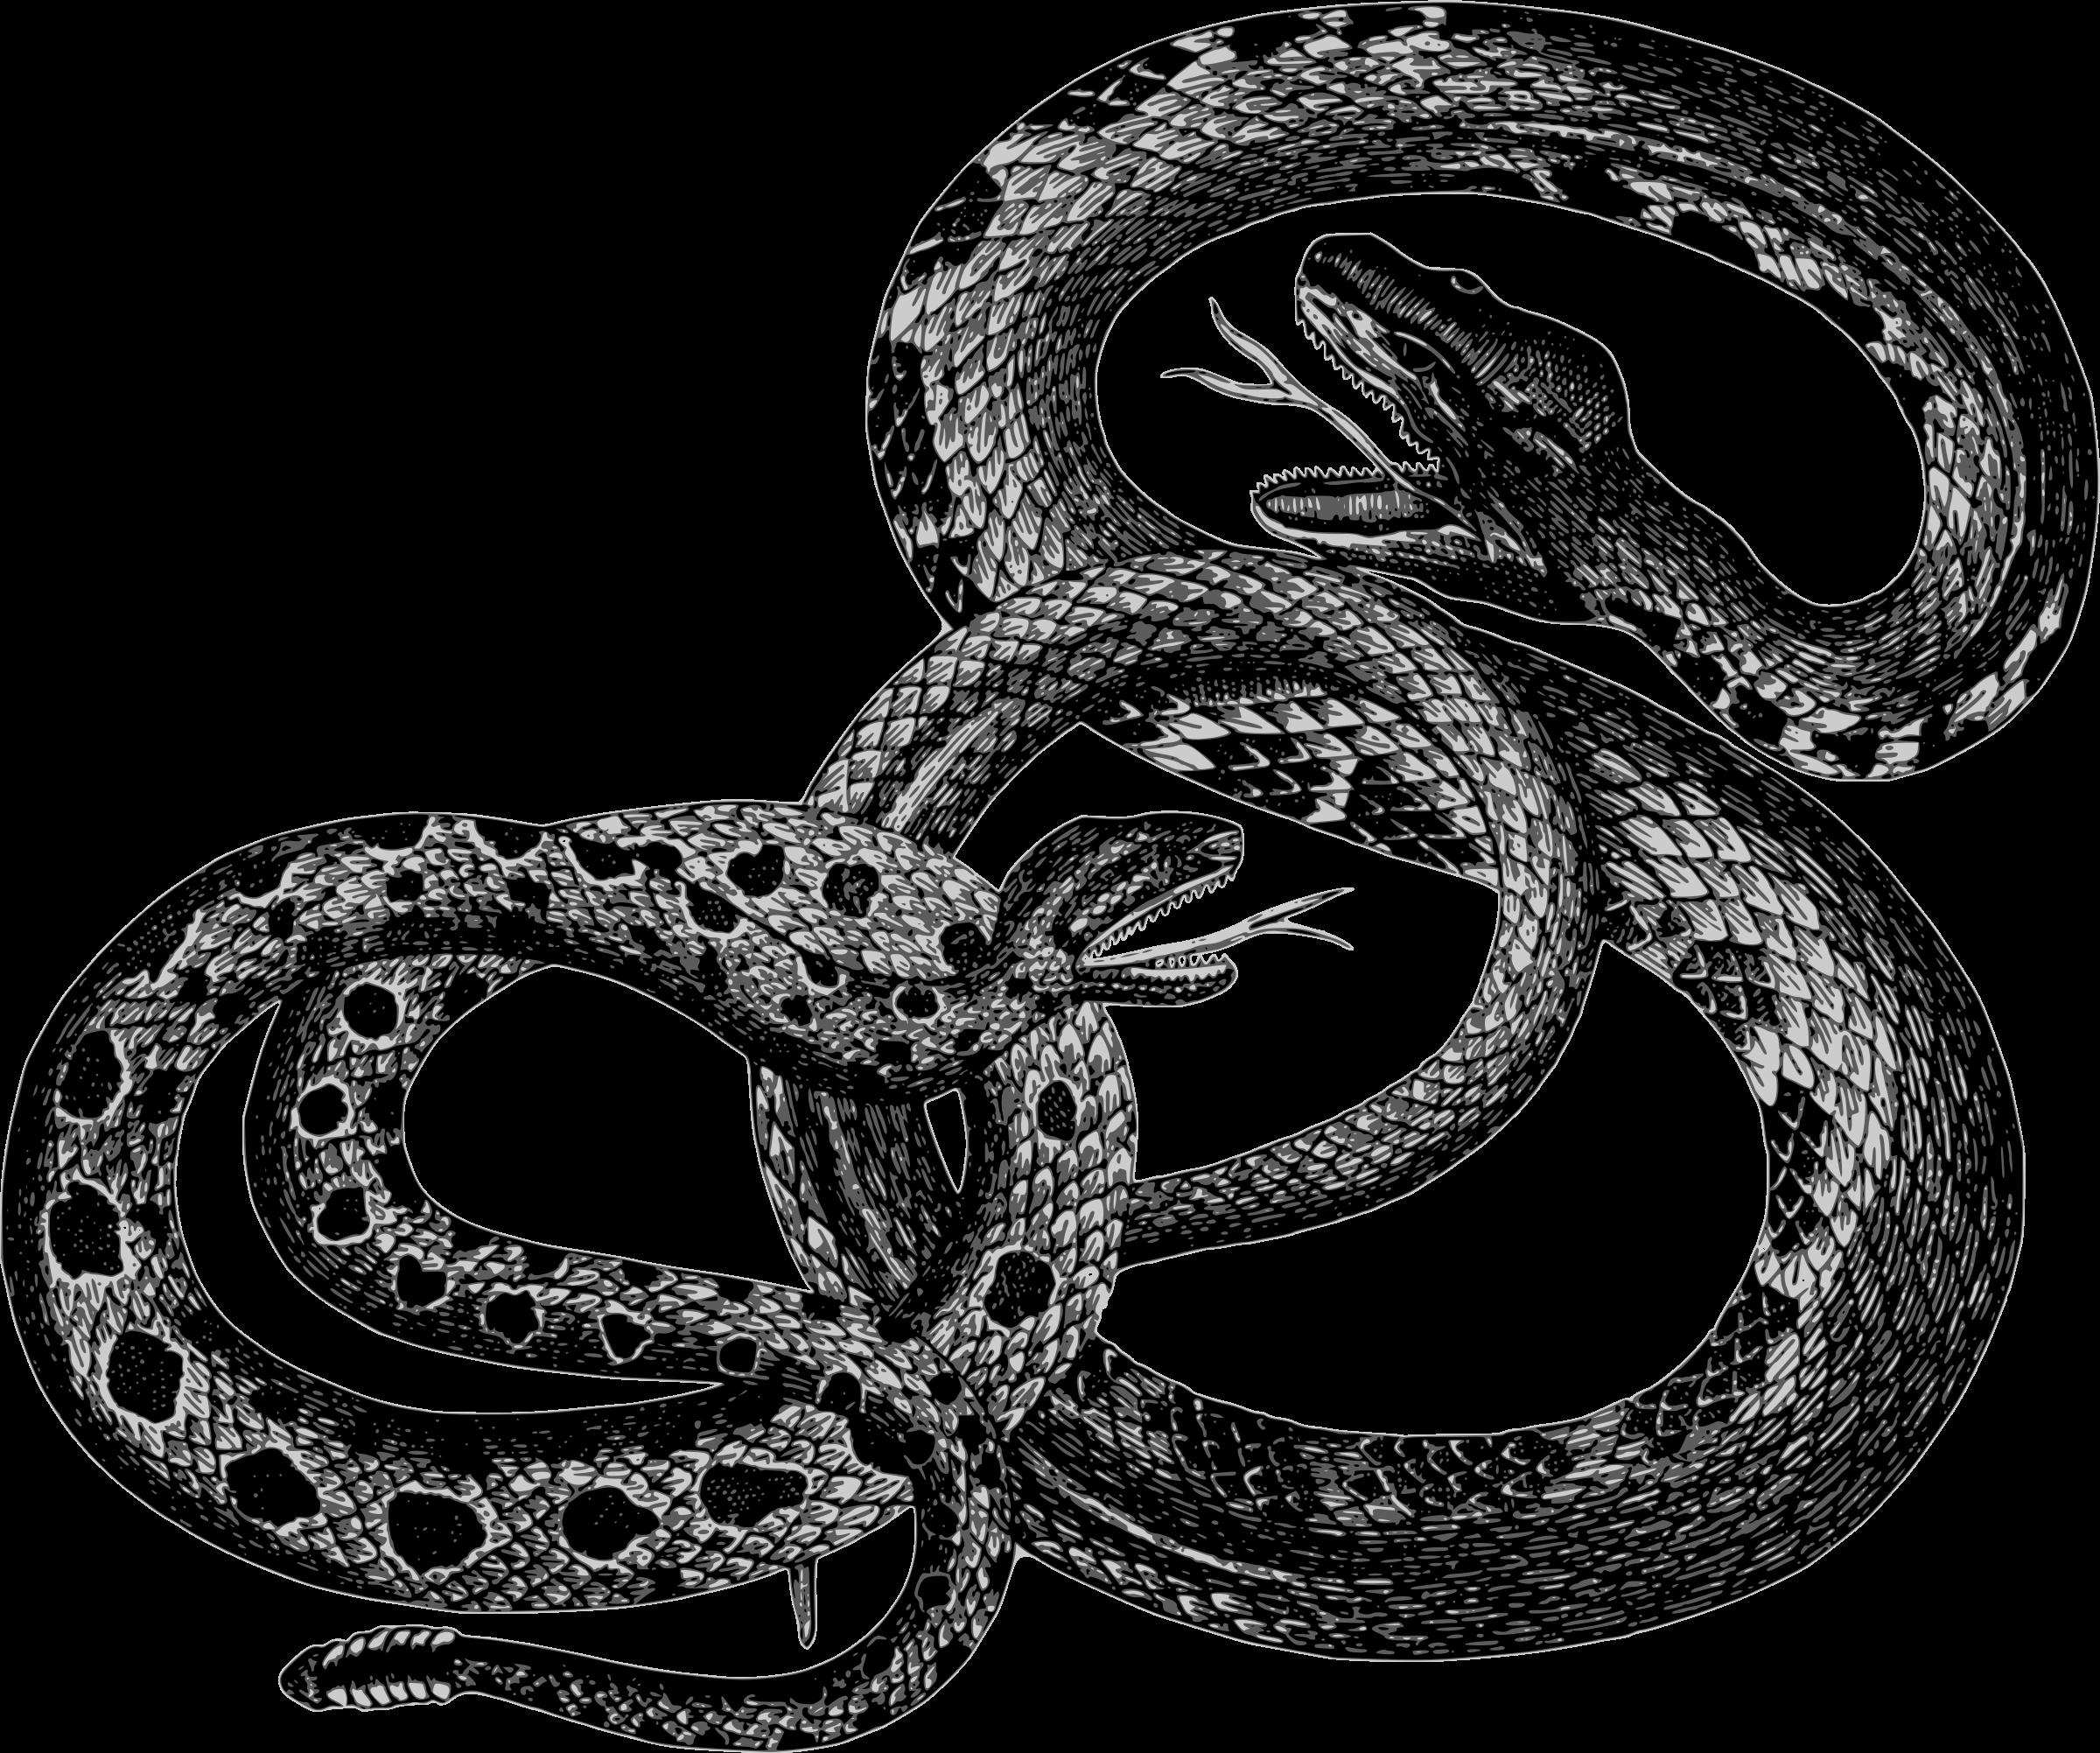 Snakes big image png. Snake clipart vintage